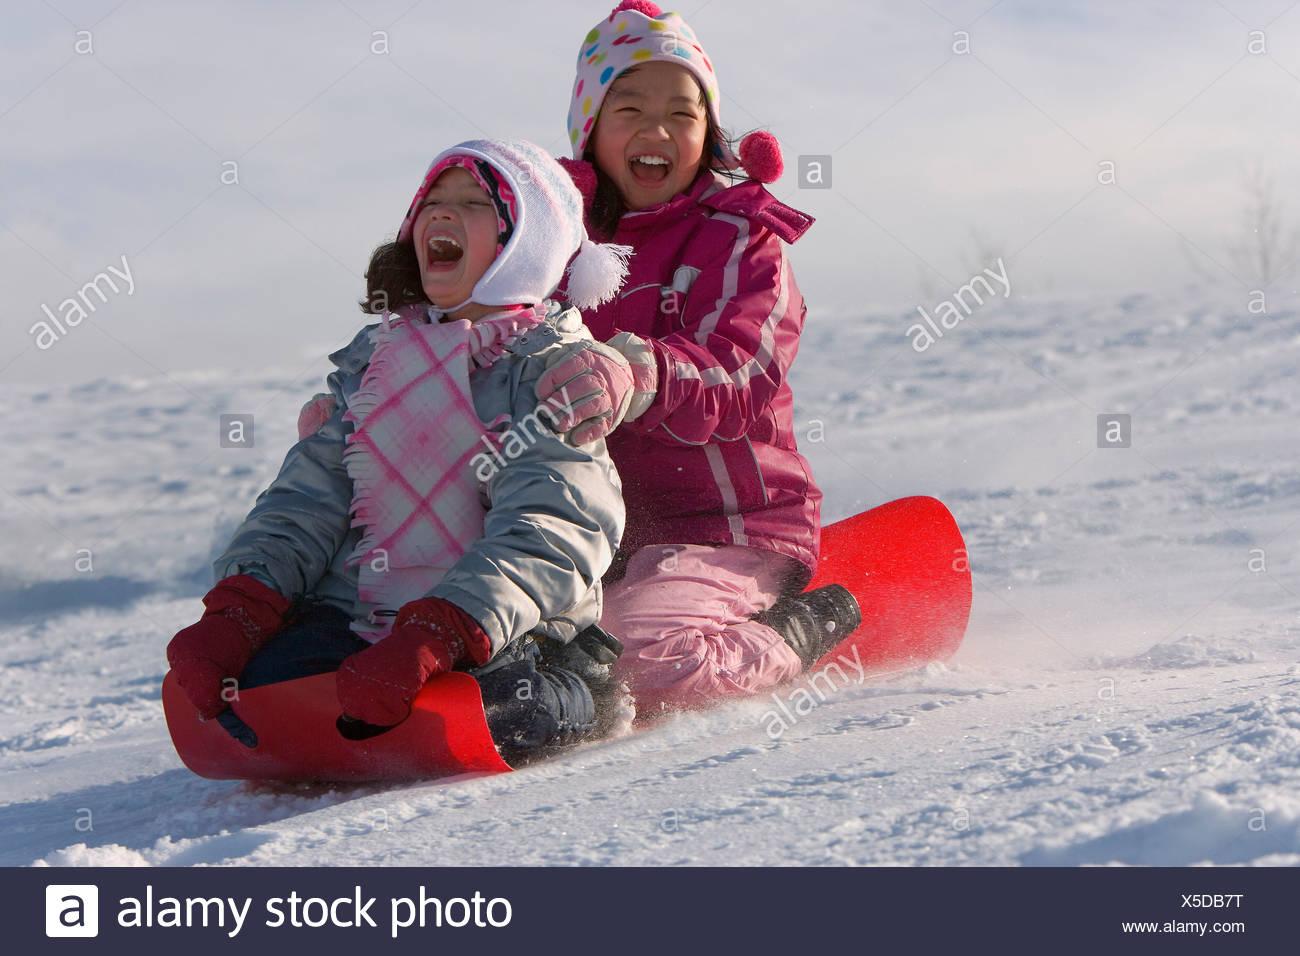 Children tobogganing - Stock Image